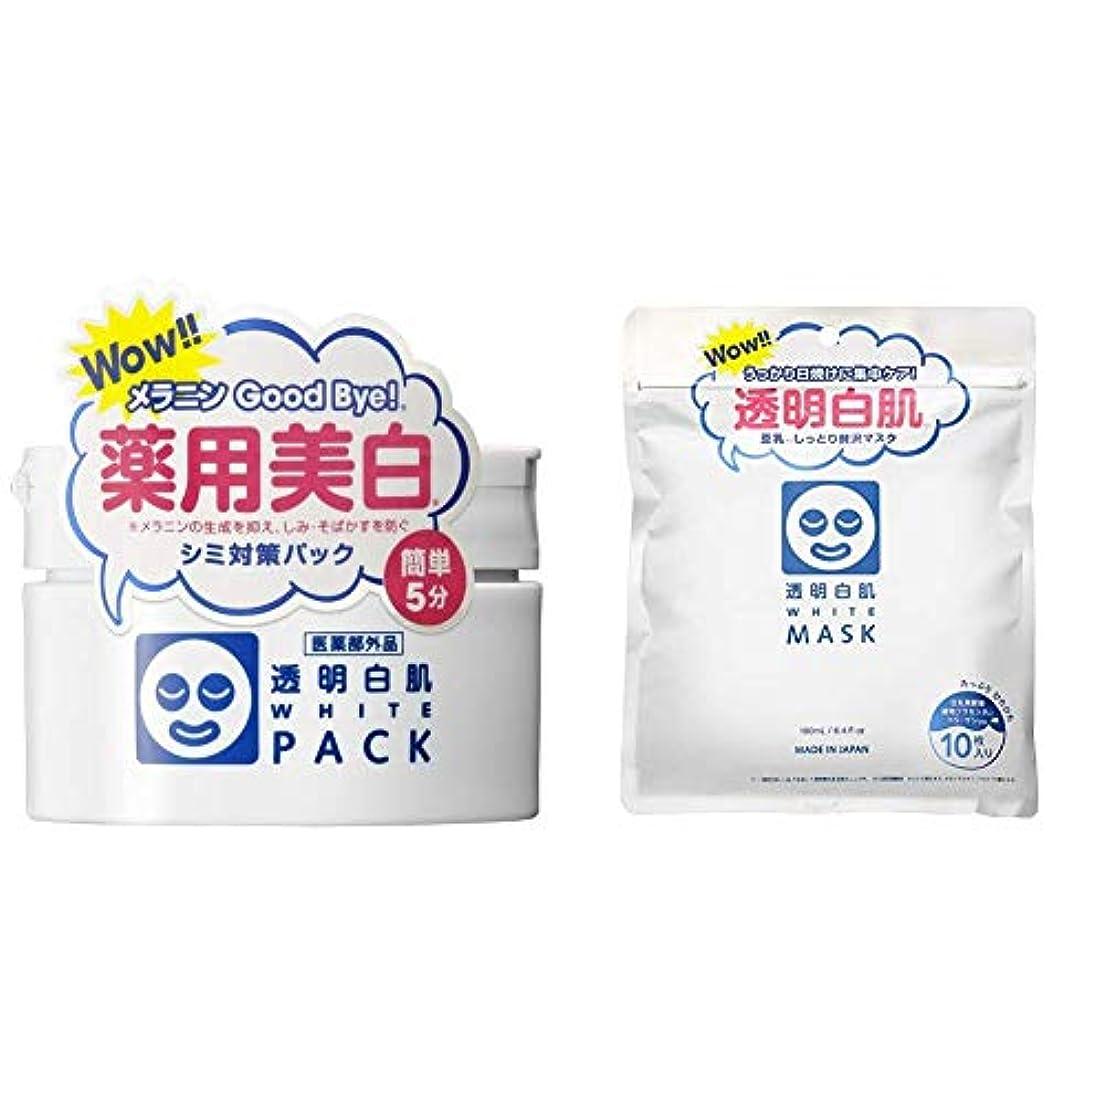 レバー冊子スパーク透明白肌 薬用ホワイトパックN<医薬部外品> & ホワイトマスクN